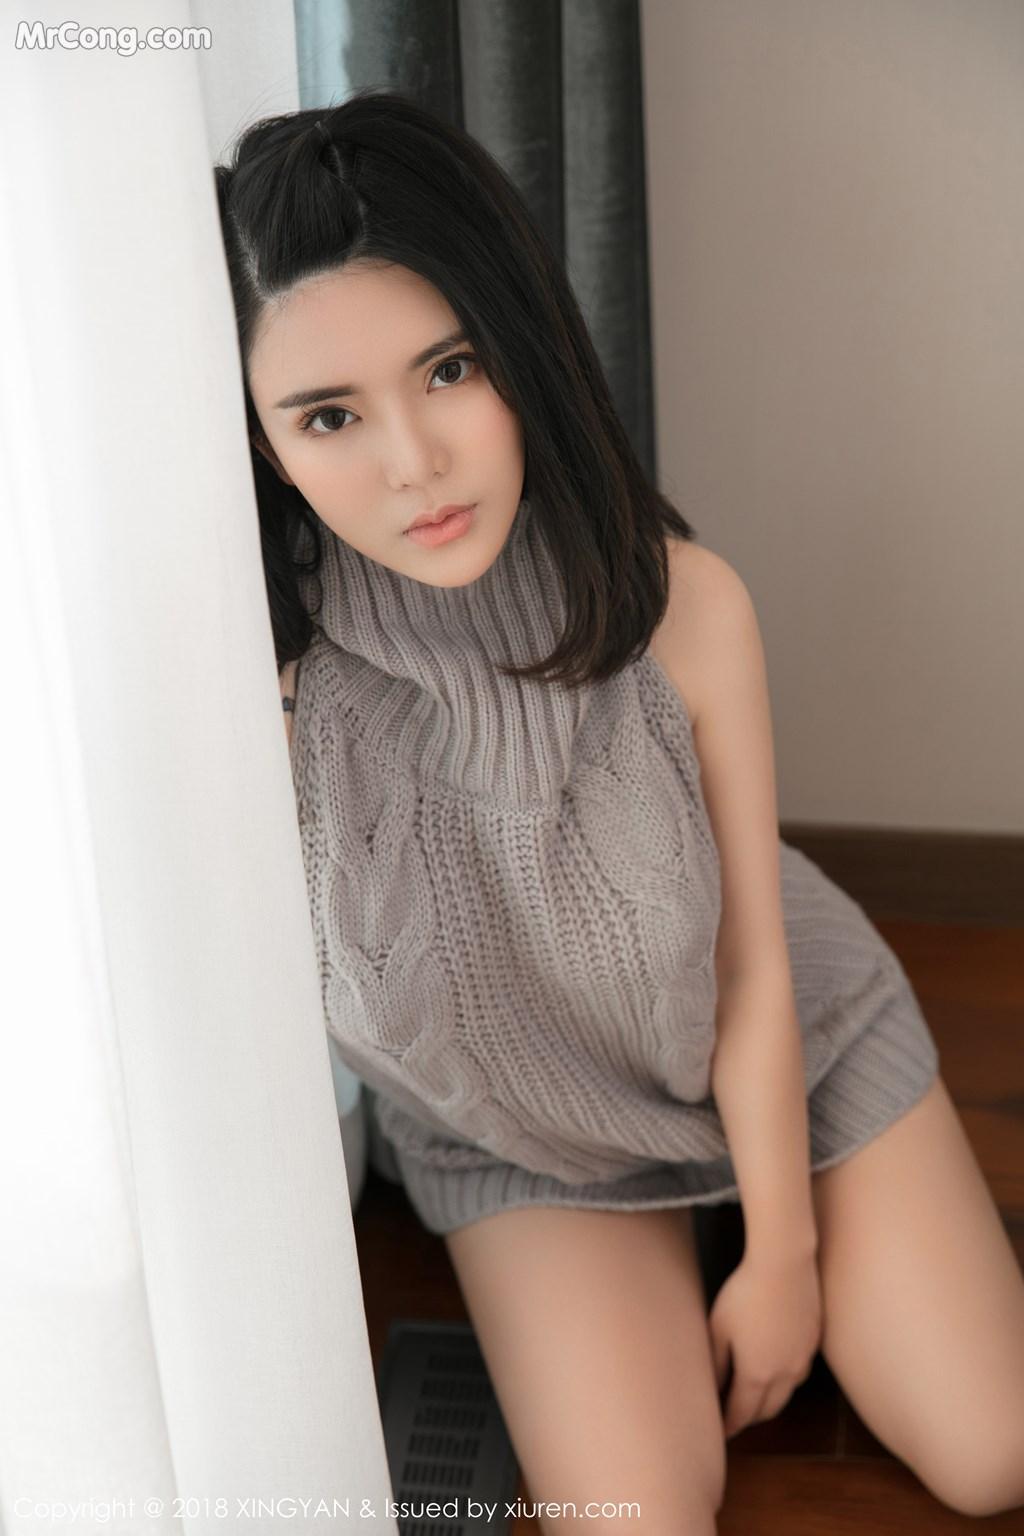 Image XingYan-Vol.012-Lily-MrCong.com-006 in post XingYan Vol.012: Người mẫu 陈曦Lily (51 ảnh)